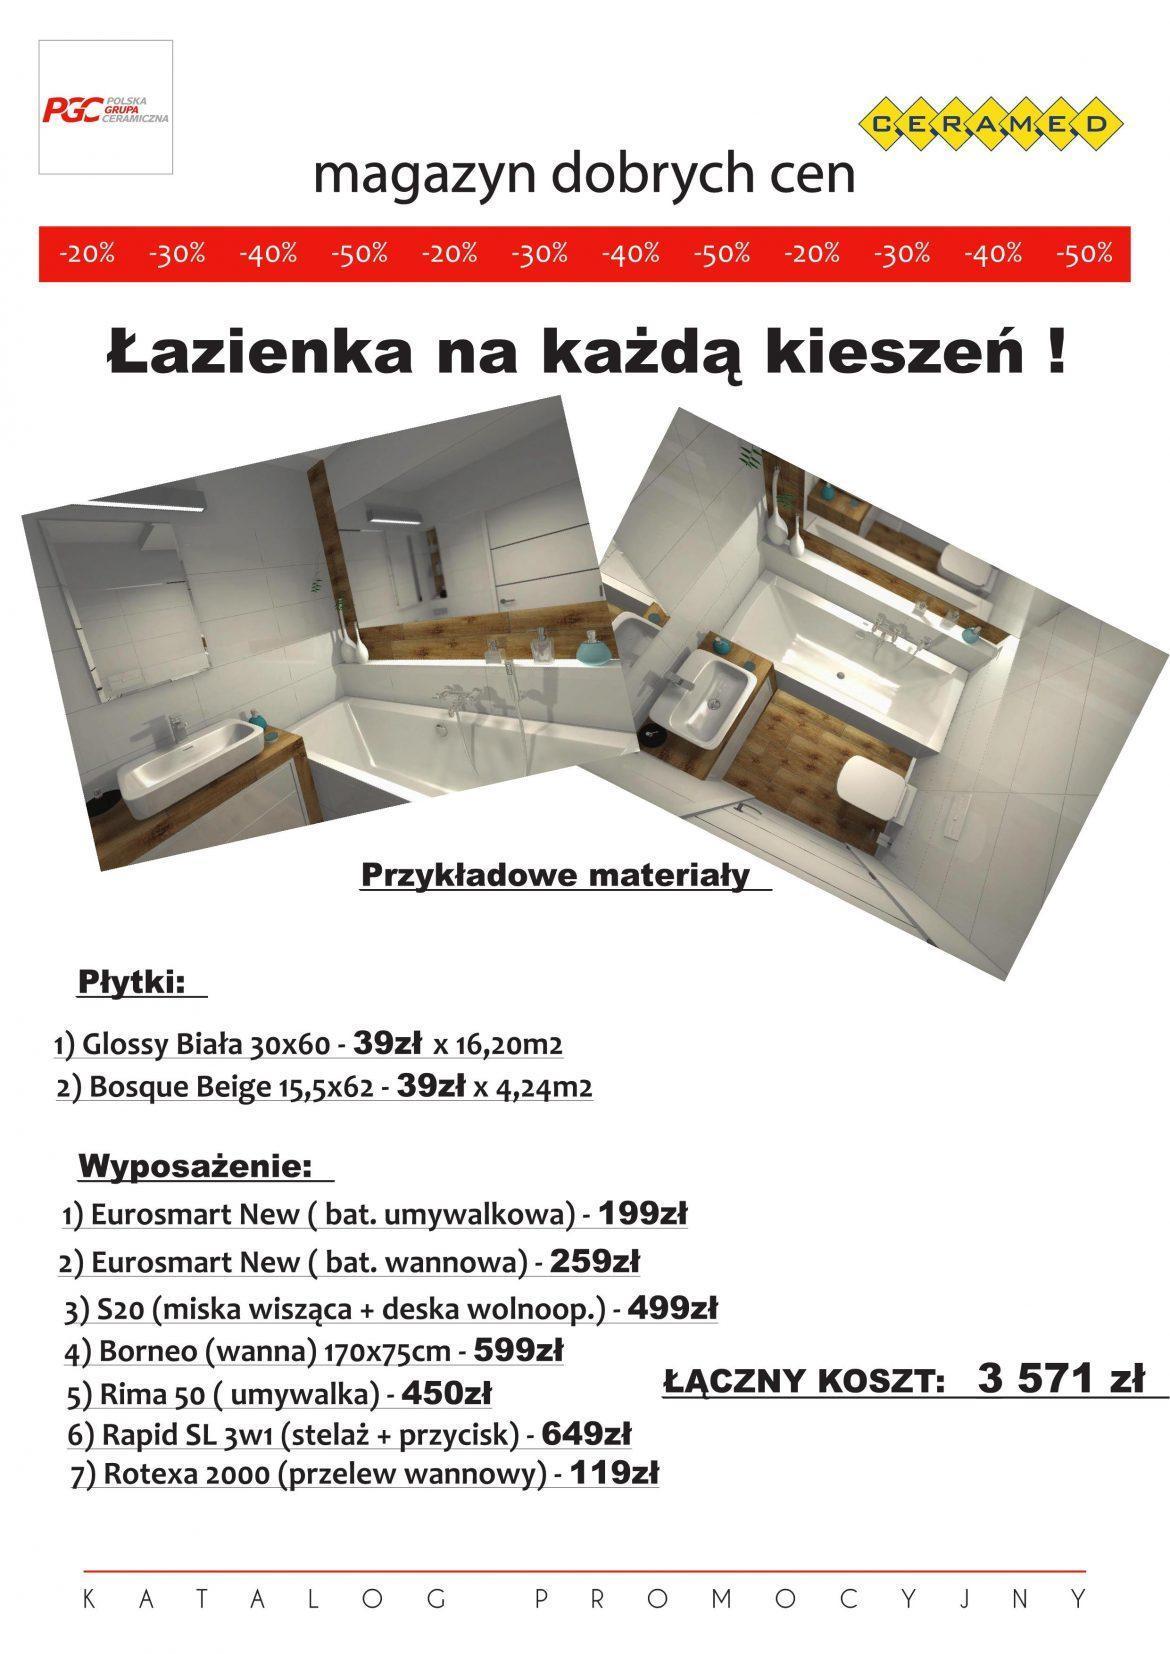 MAGAZYN DOBRYCH CEN 2018 – Gazetka Promocyjna